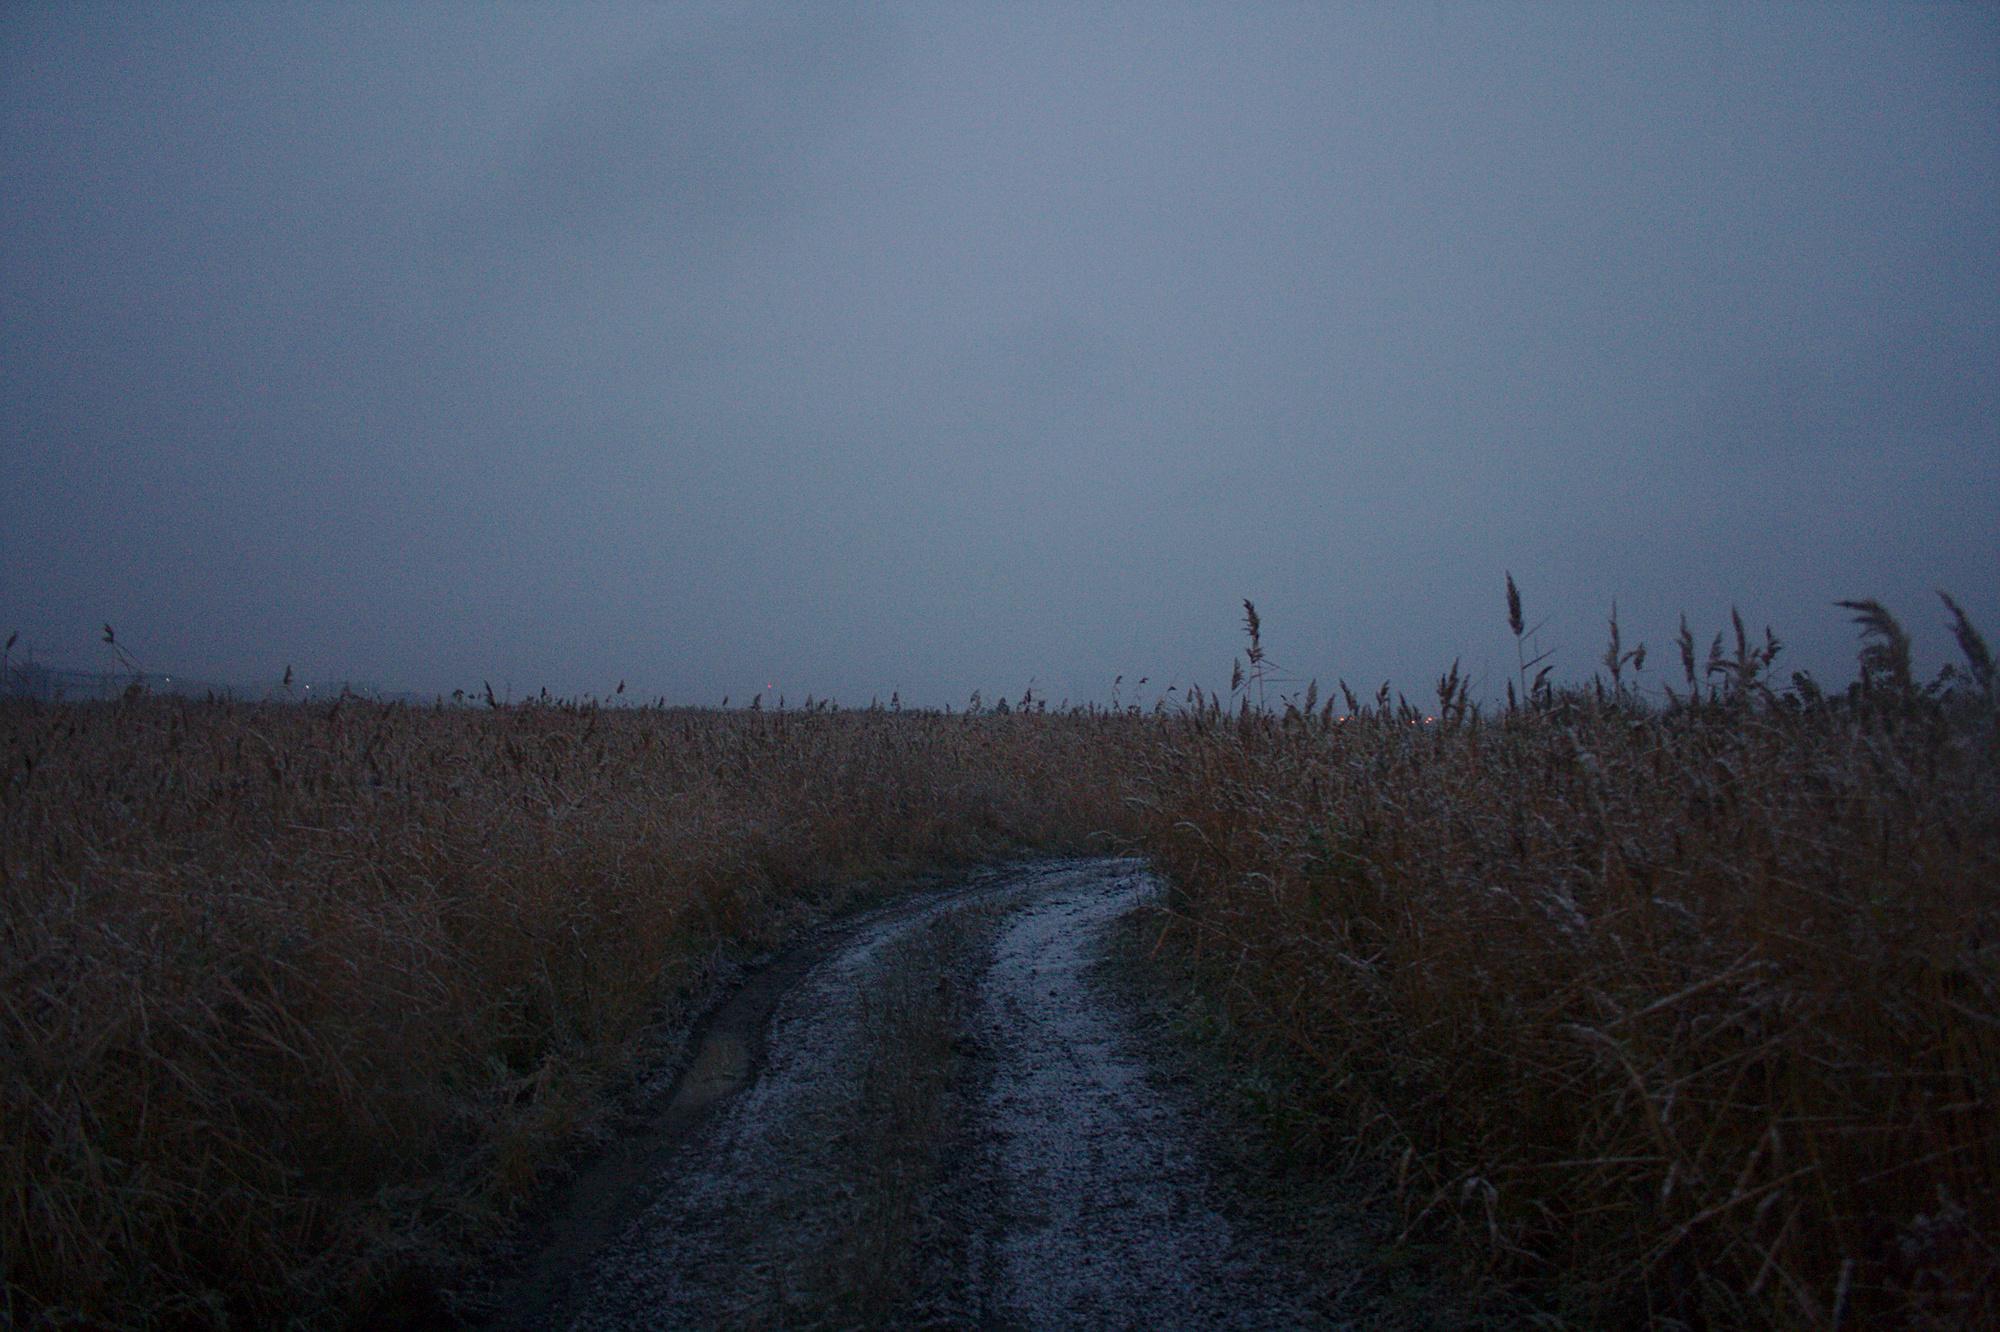 Только легкий шелест колосьев в зловещей тишине холодного утра напоминает, что это реальность — то самое поле у озера, где была обнаружена очередная жертва психопата.